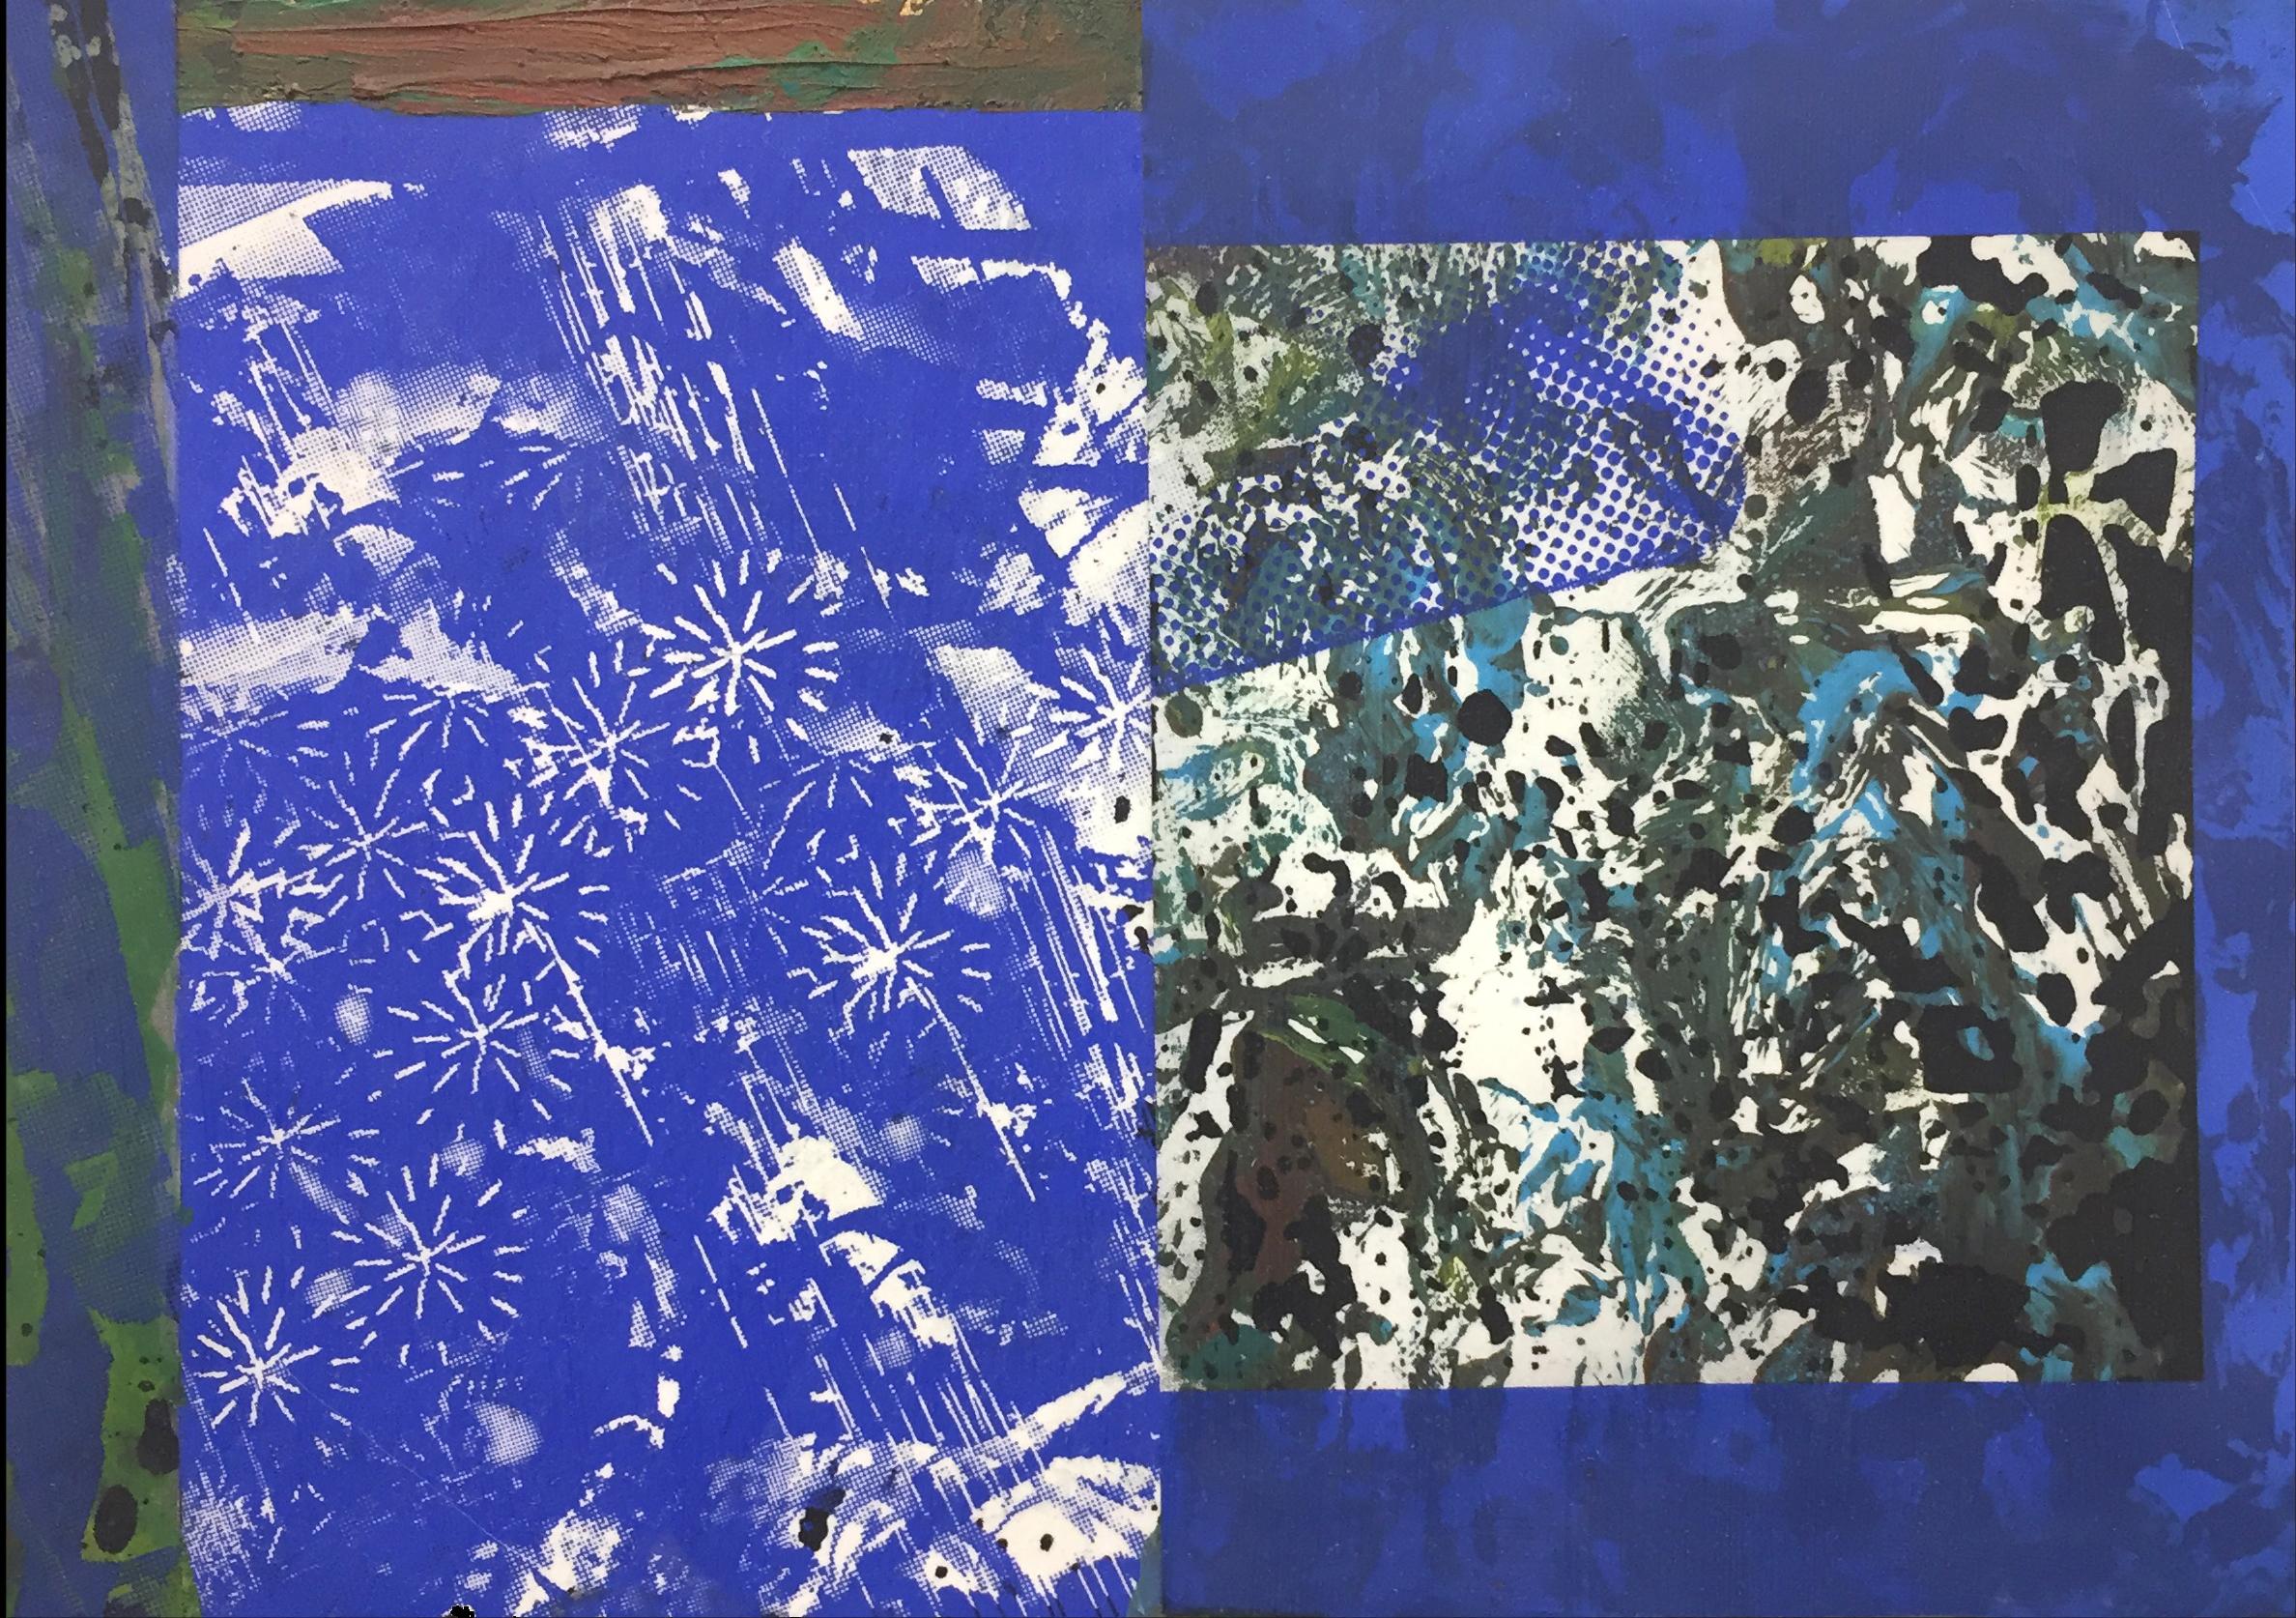 Blue Fade 1, 8.5 x 11 in. 2017.